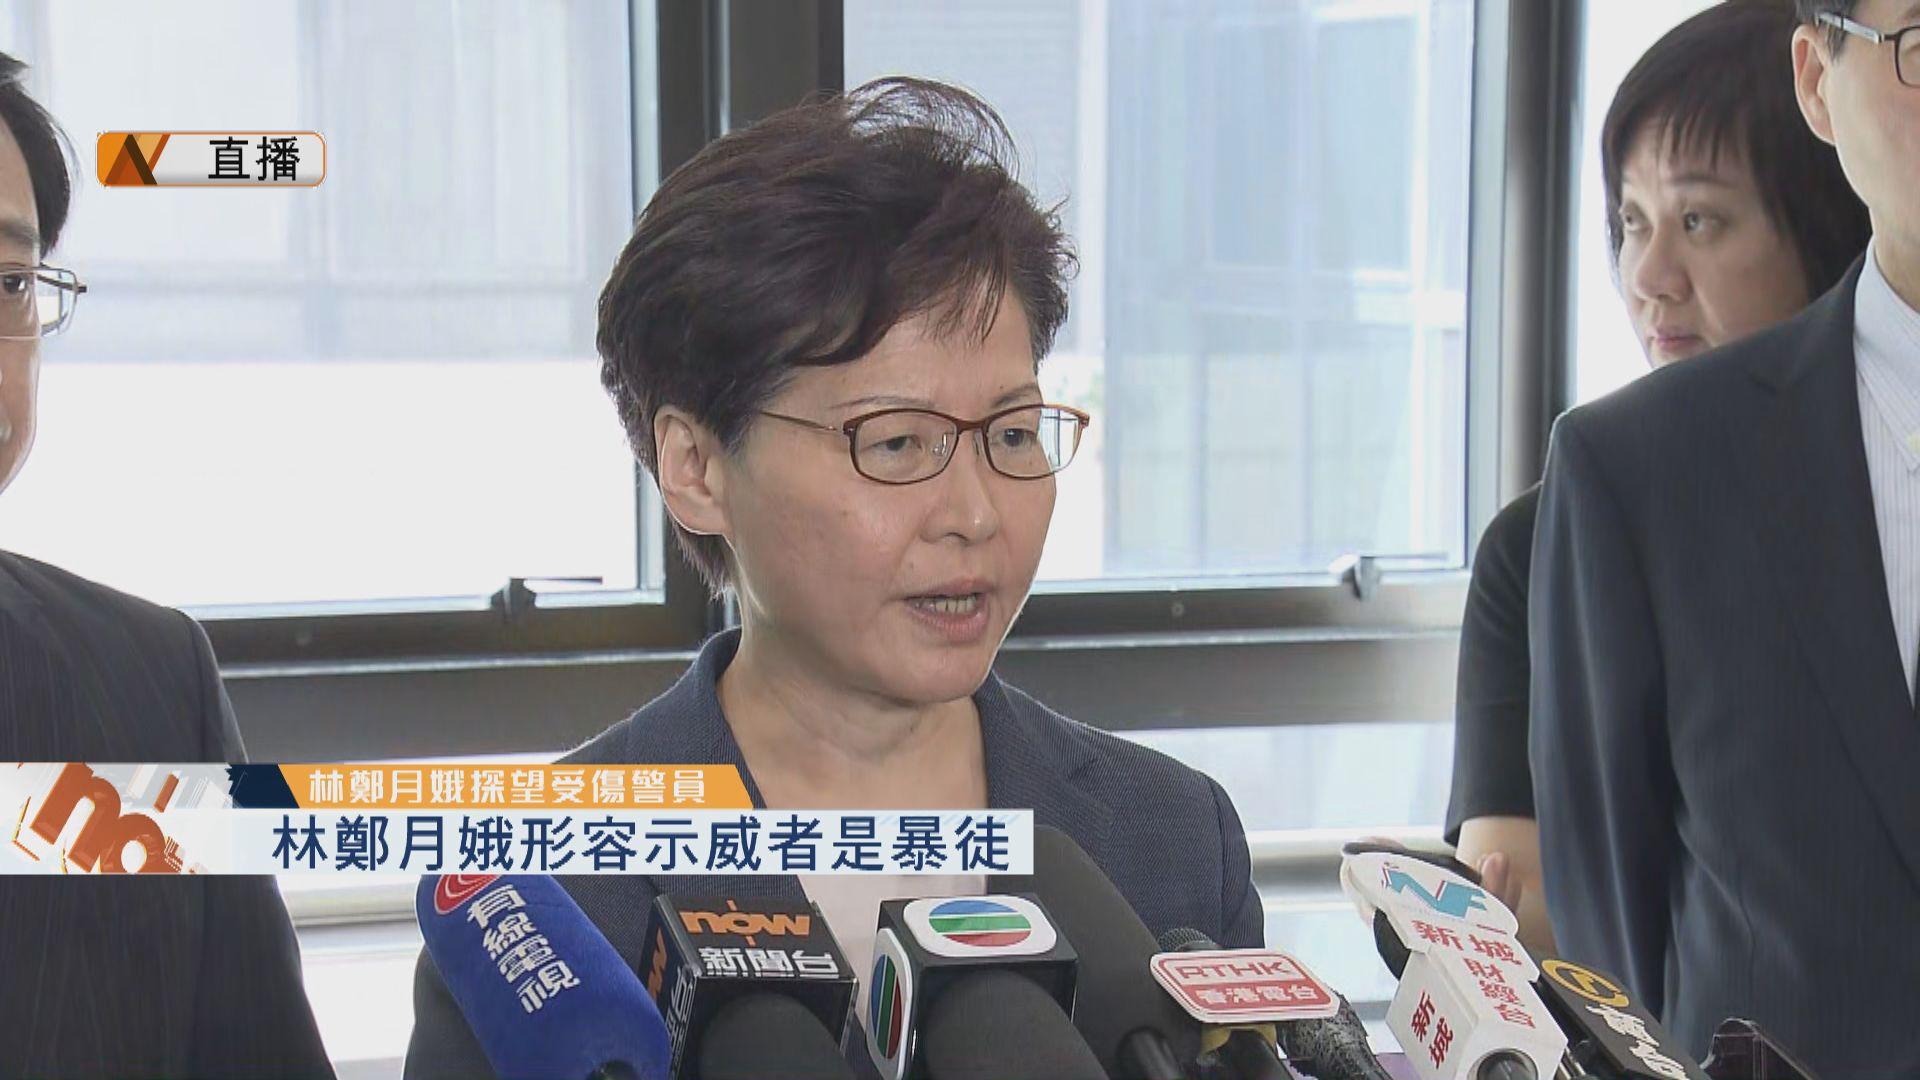 【最新】林鄭月娥強烈譴責傷害警隊的示威者